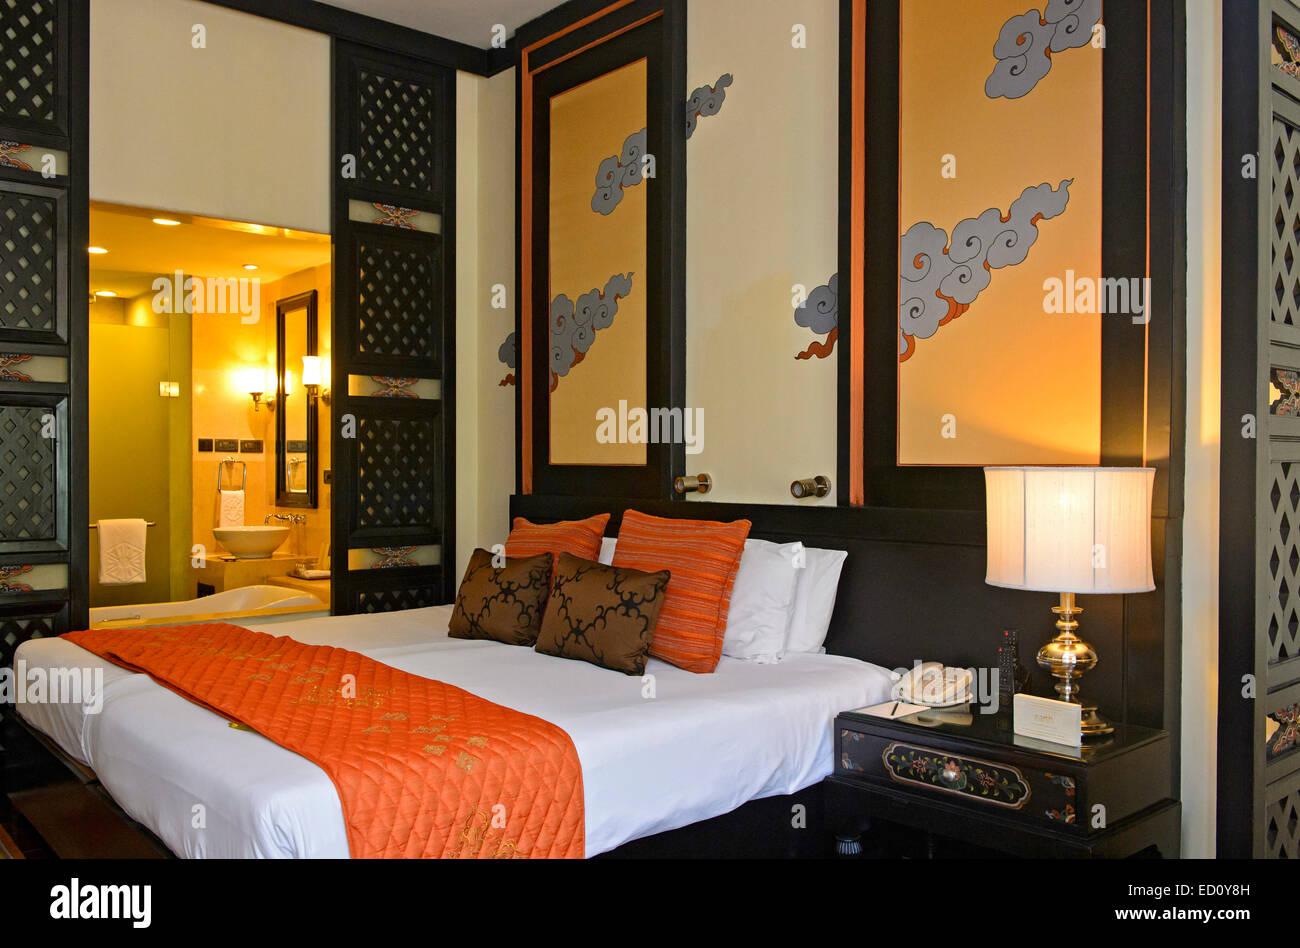 Chambre à l'hôtel Taj tashi, Thimphu, Bhoutan Photo Stock